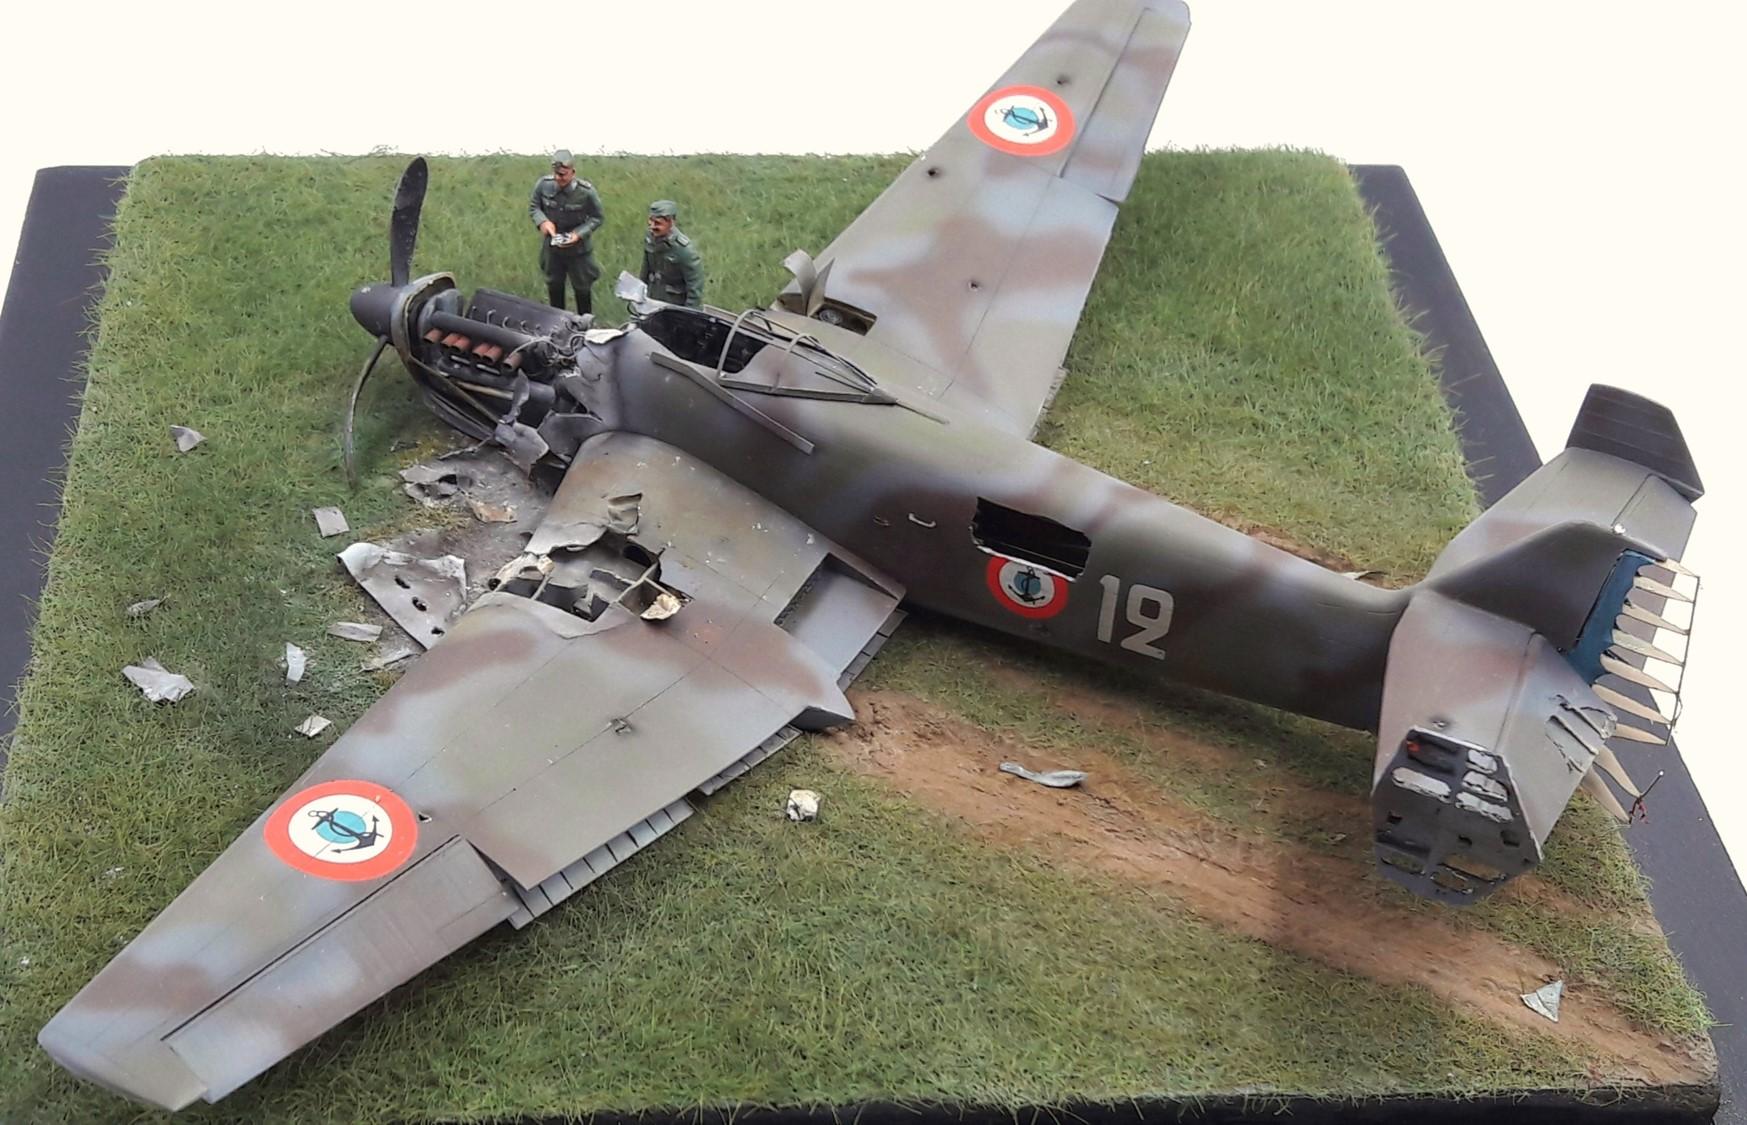 [Concours Aéronavale] Loire Nieuport 401/411 -  Special hobby 1/48 - crash à Villereau -le sacrifice des marins aviateurs du 19 mai 1940 - Mission Berlaimont  Image495